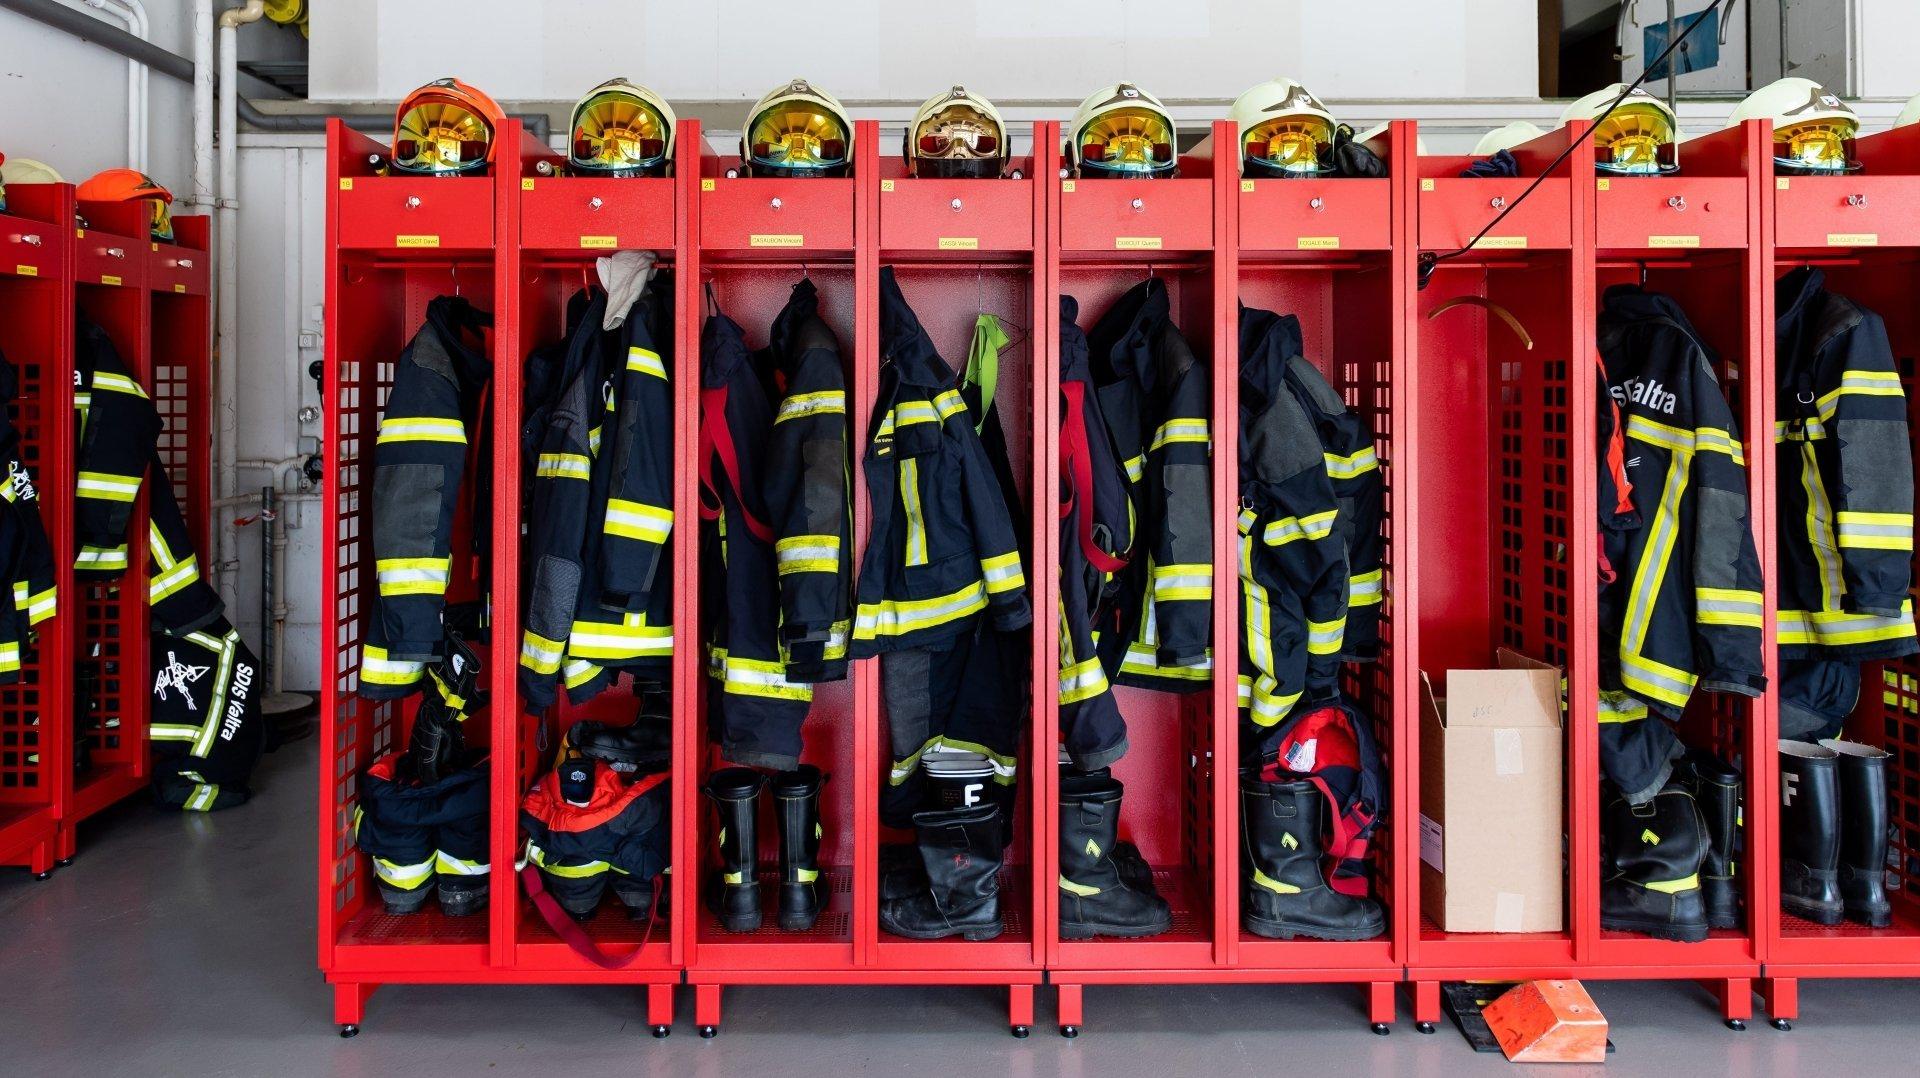 Diverses demandes arrivent ces derniers jours auprès de certaines entreprises neuchâteloises concernant la réalisation de calendrier 2022 des pompiers.